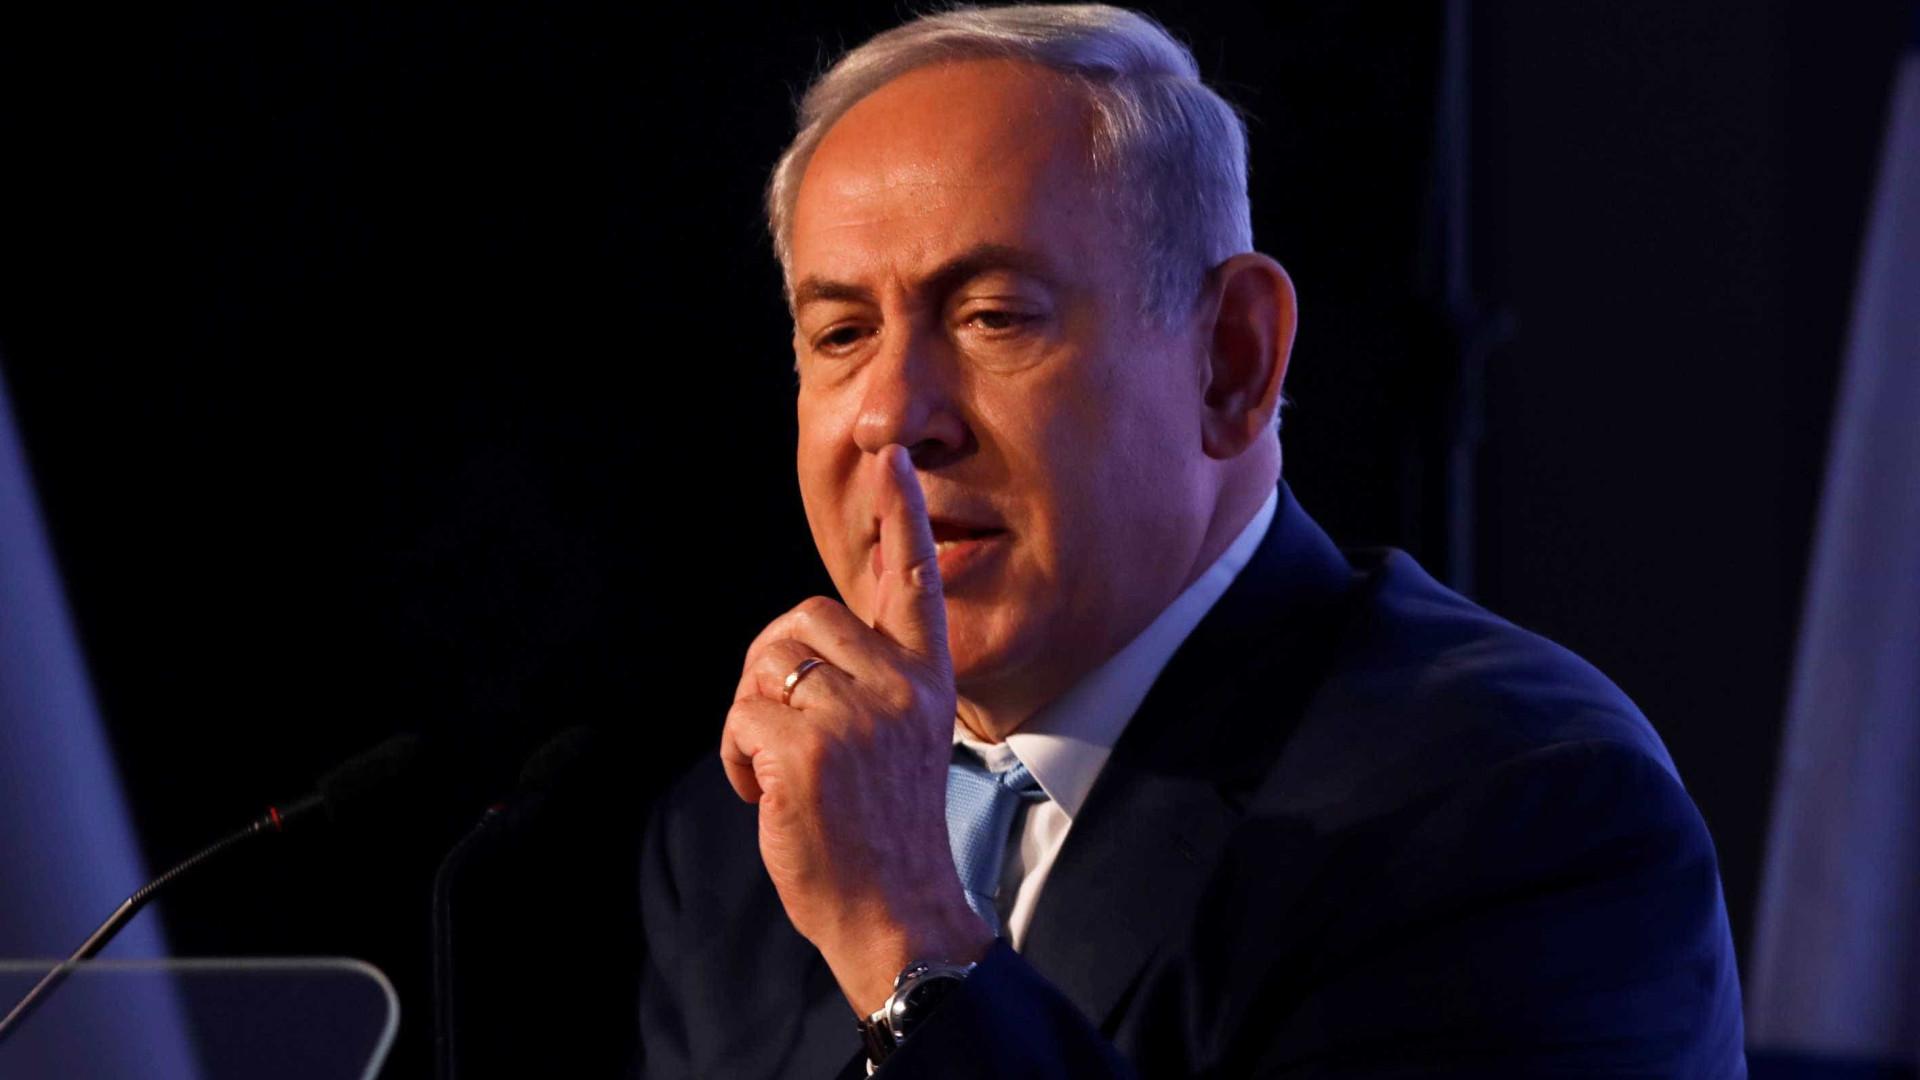 Netanyahu pede que todos reconheçam Jerusalém como capital de Israel